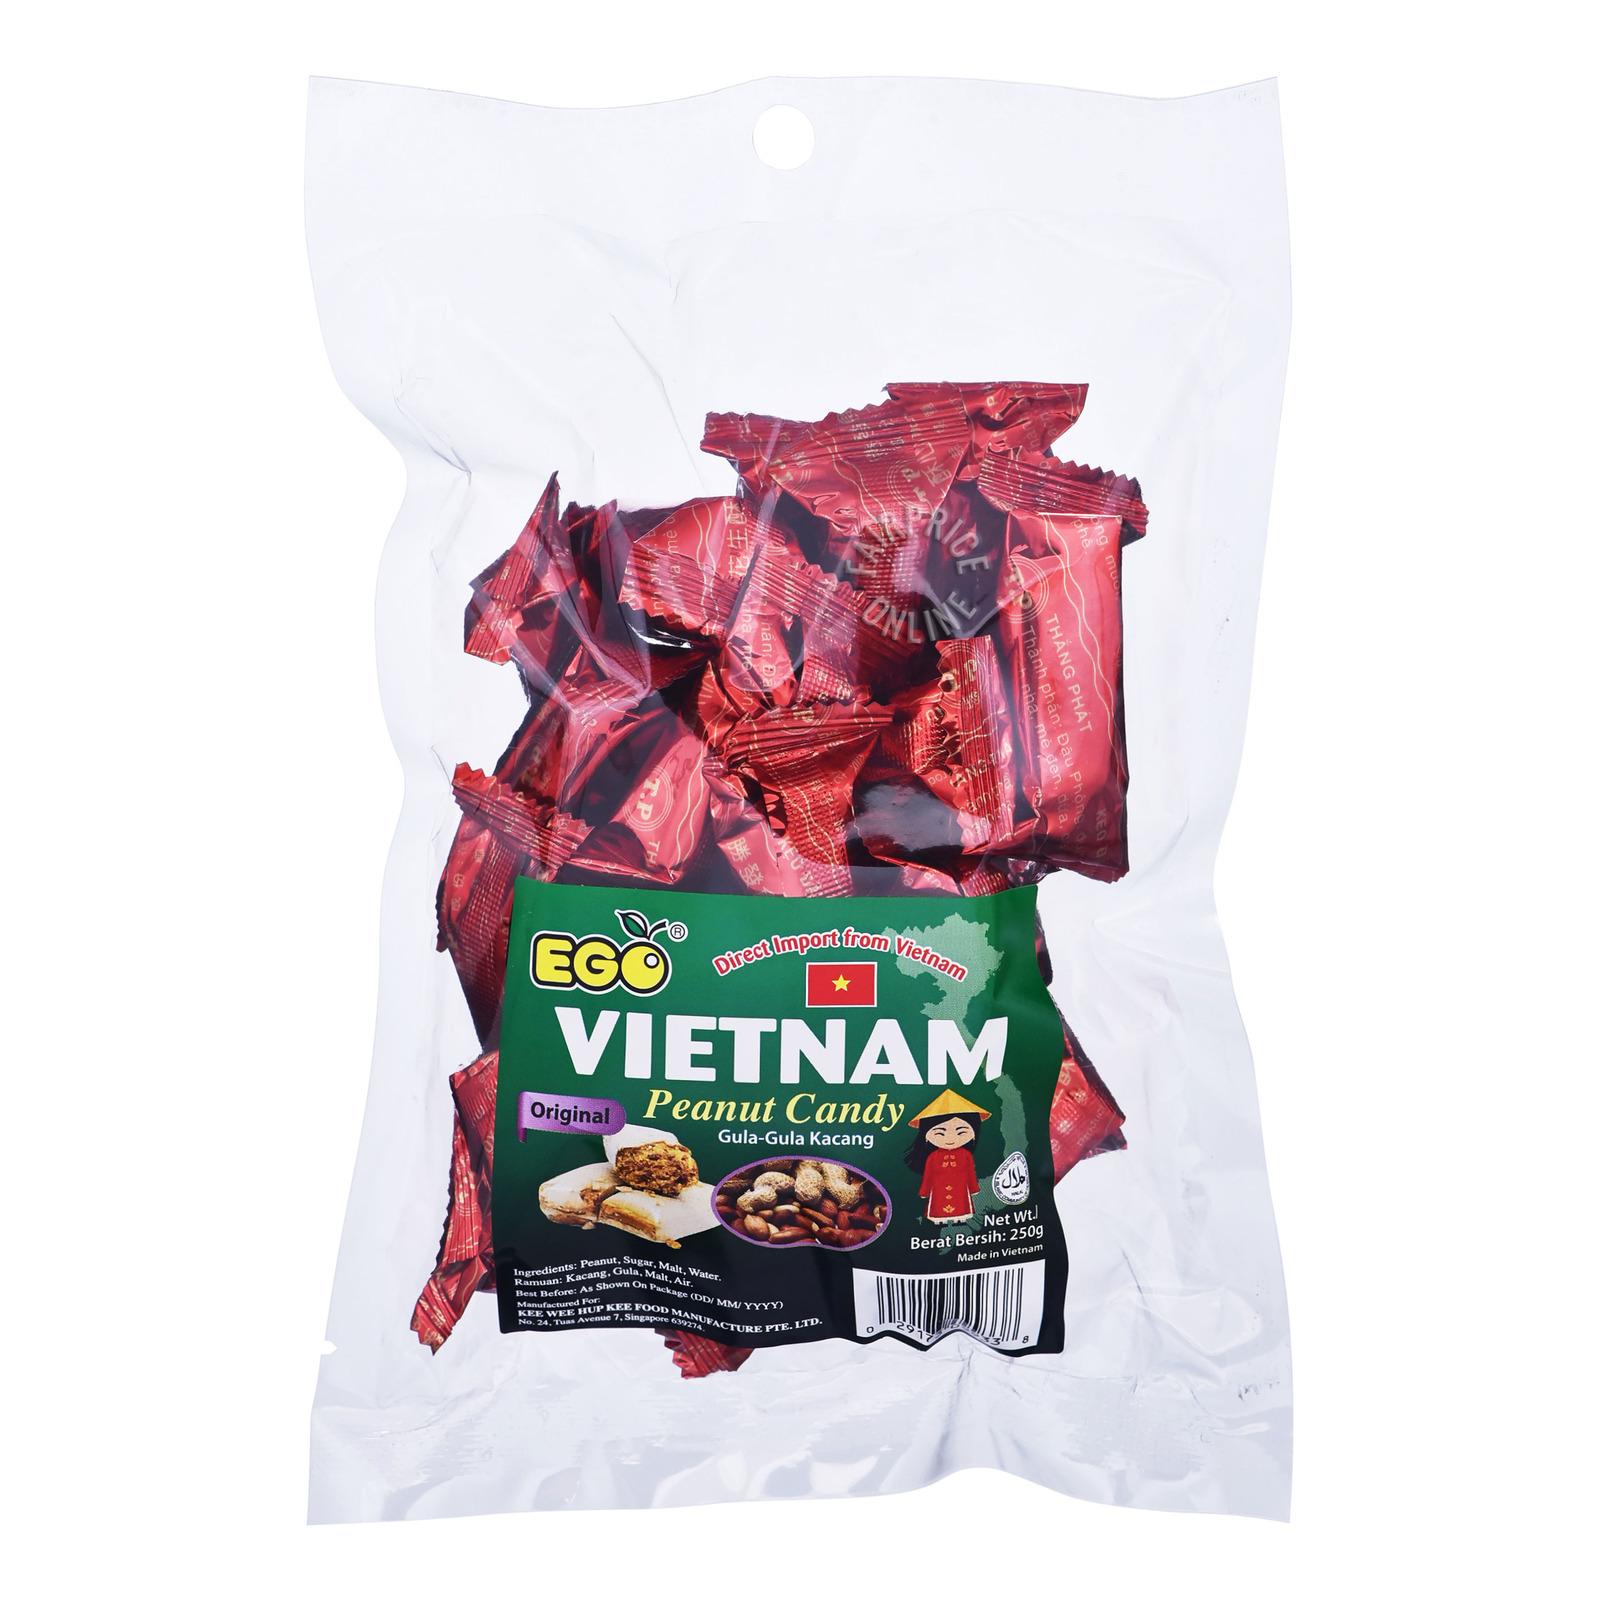 Ego Vietnam Peanut Candy - Original